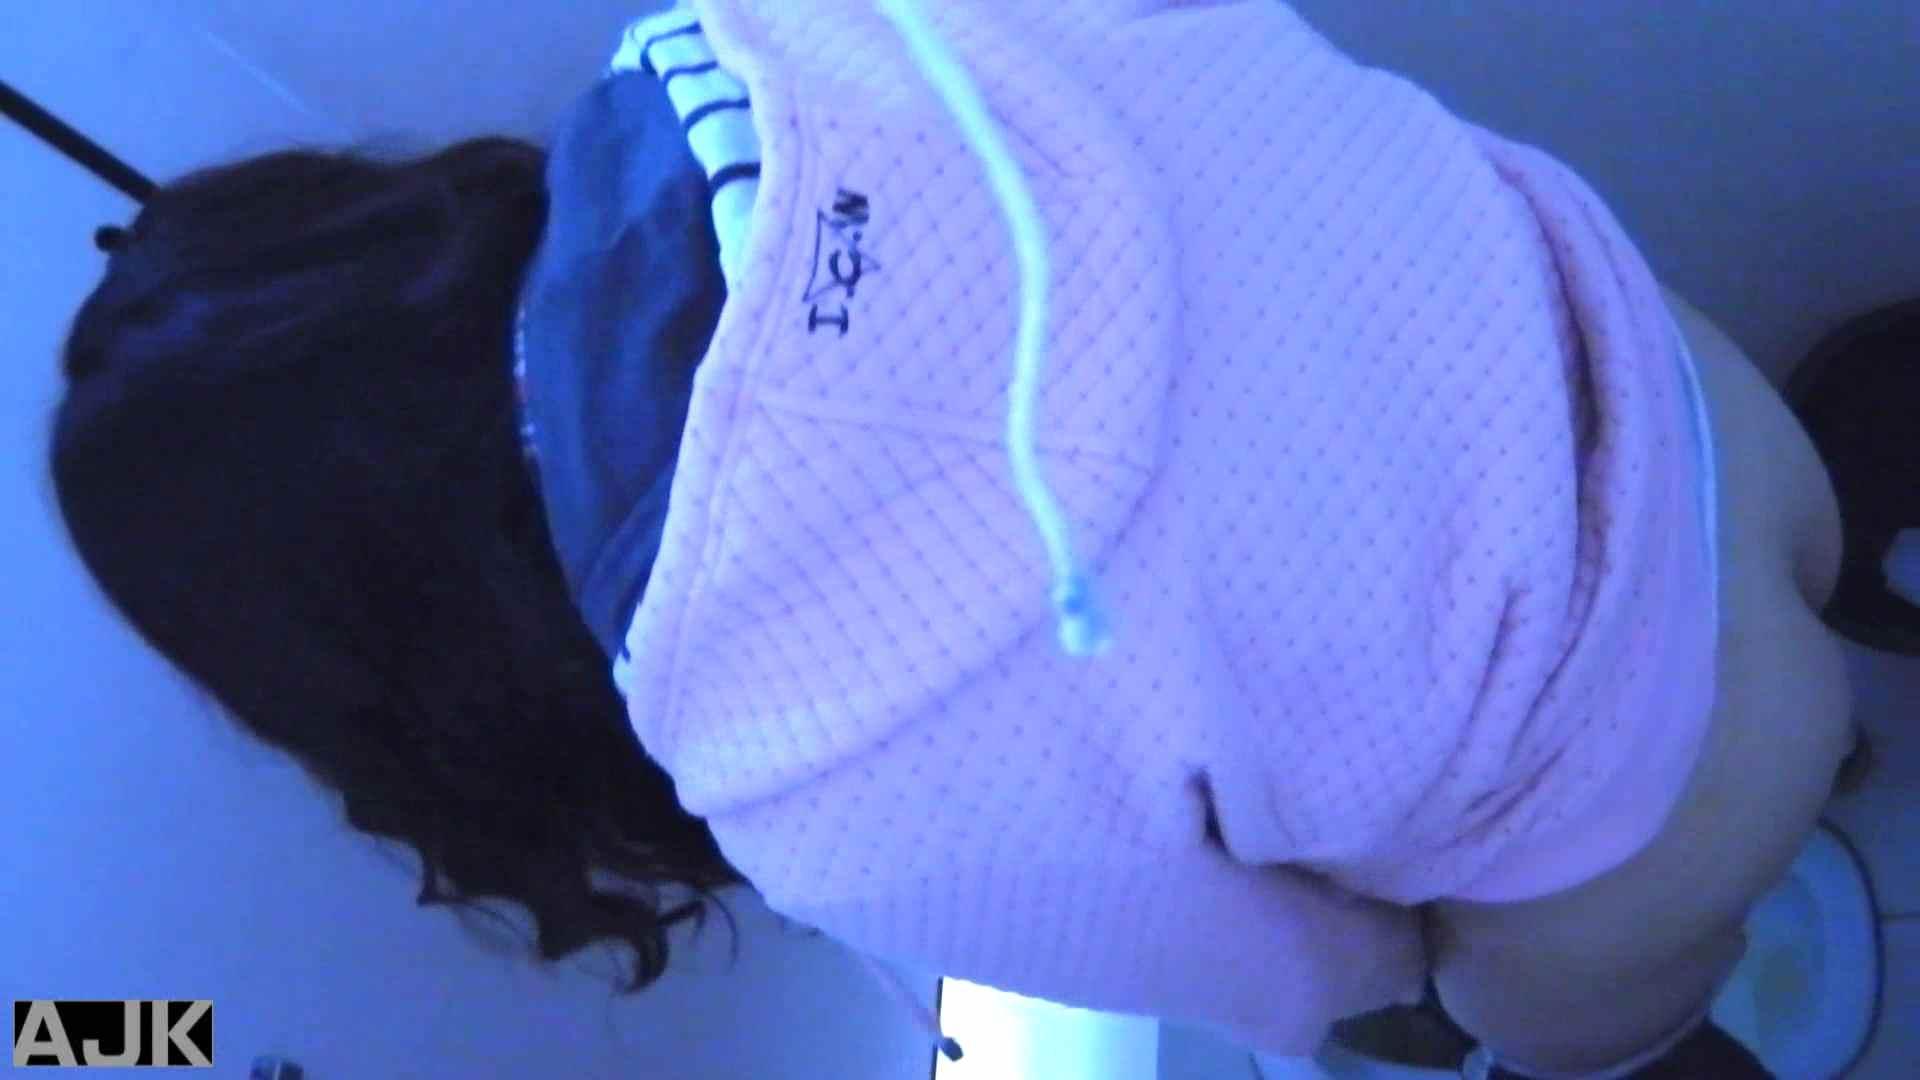 隣国上階級エリアの令嬢たちが集うデパートお手洗い Vol.07 オマンコ見放題 オメコ動画キャプチャ 111枚 105